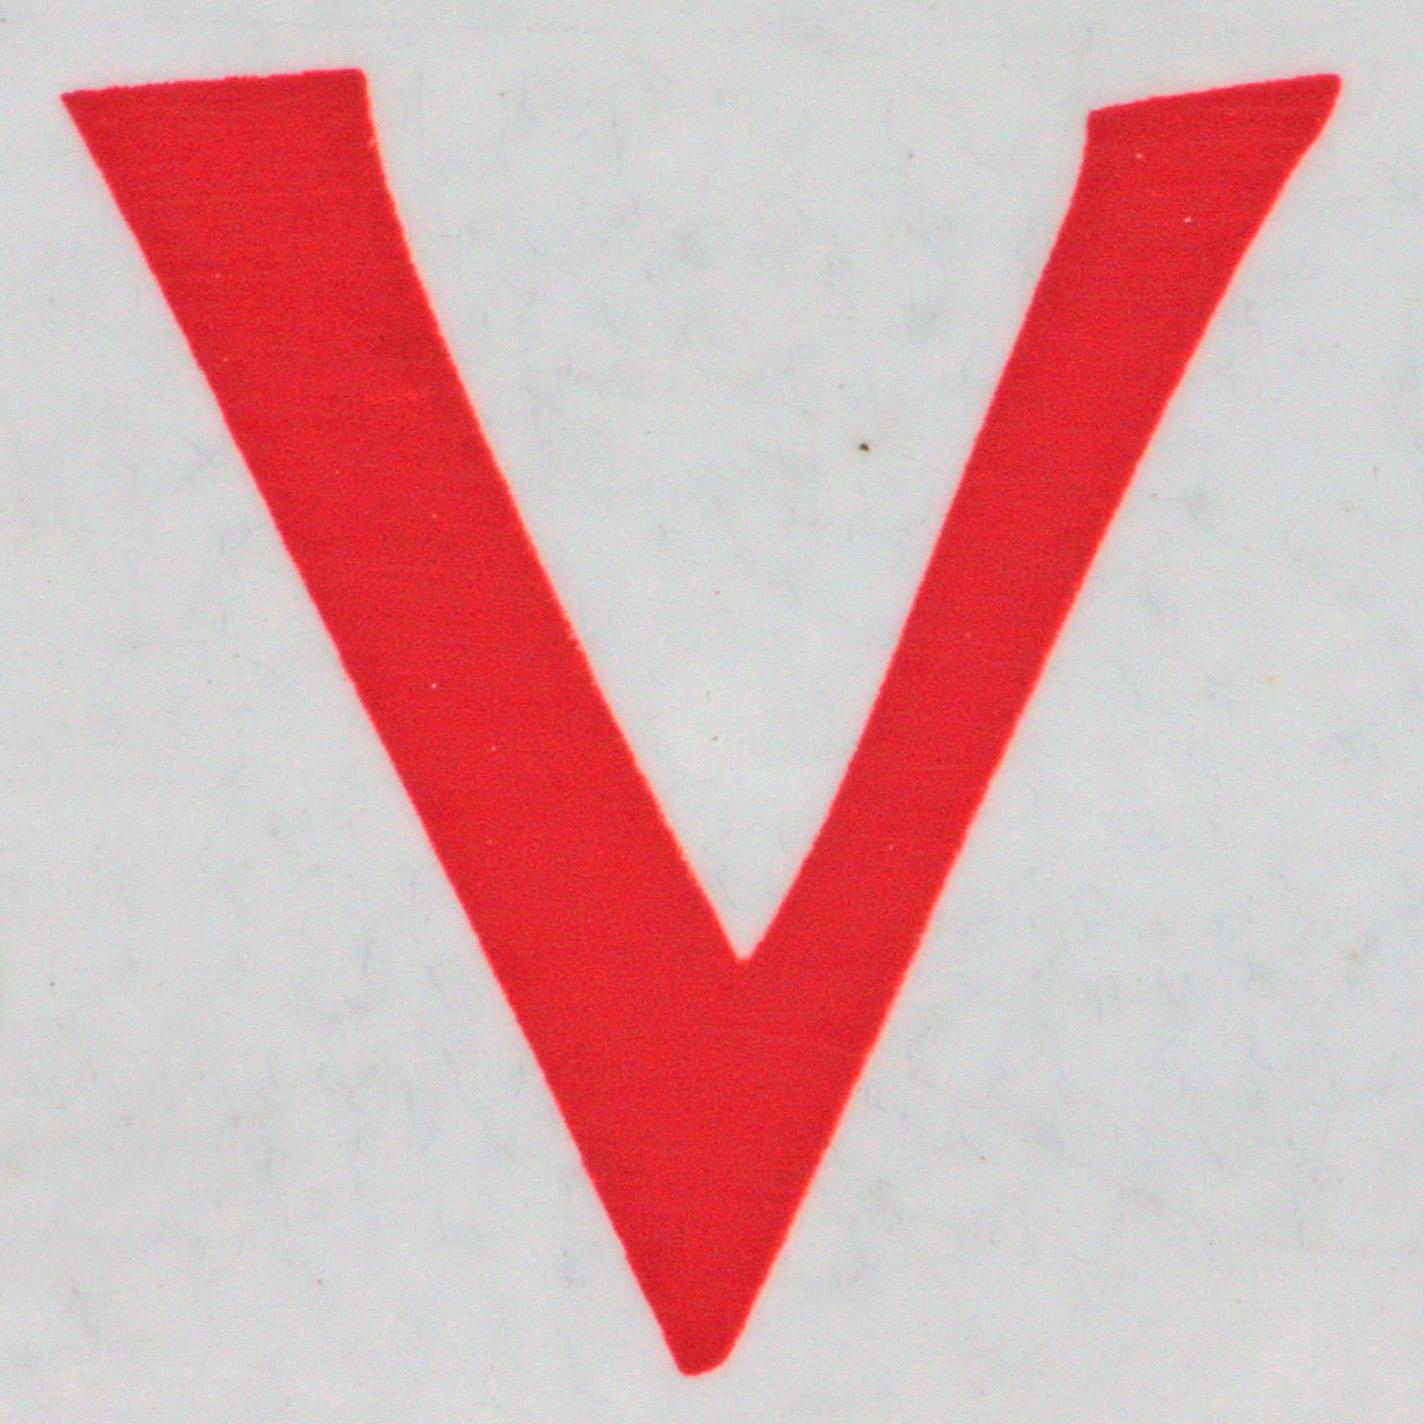 The Letter V Designs | Joy Studio Design Gallery - Best Design